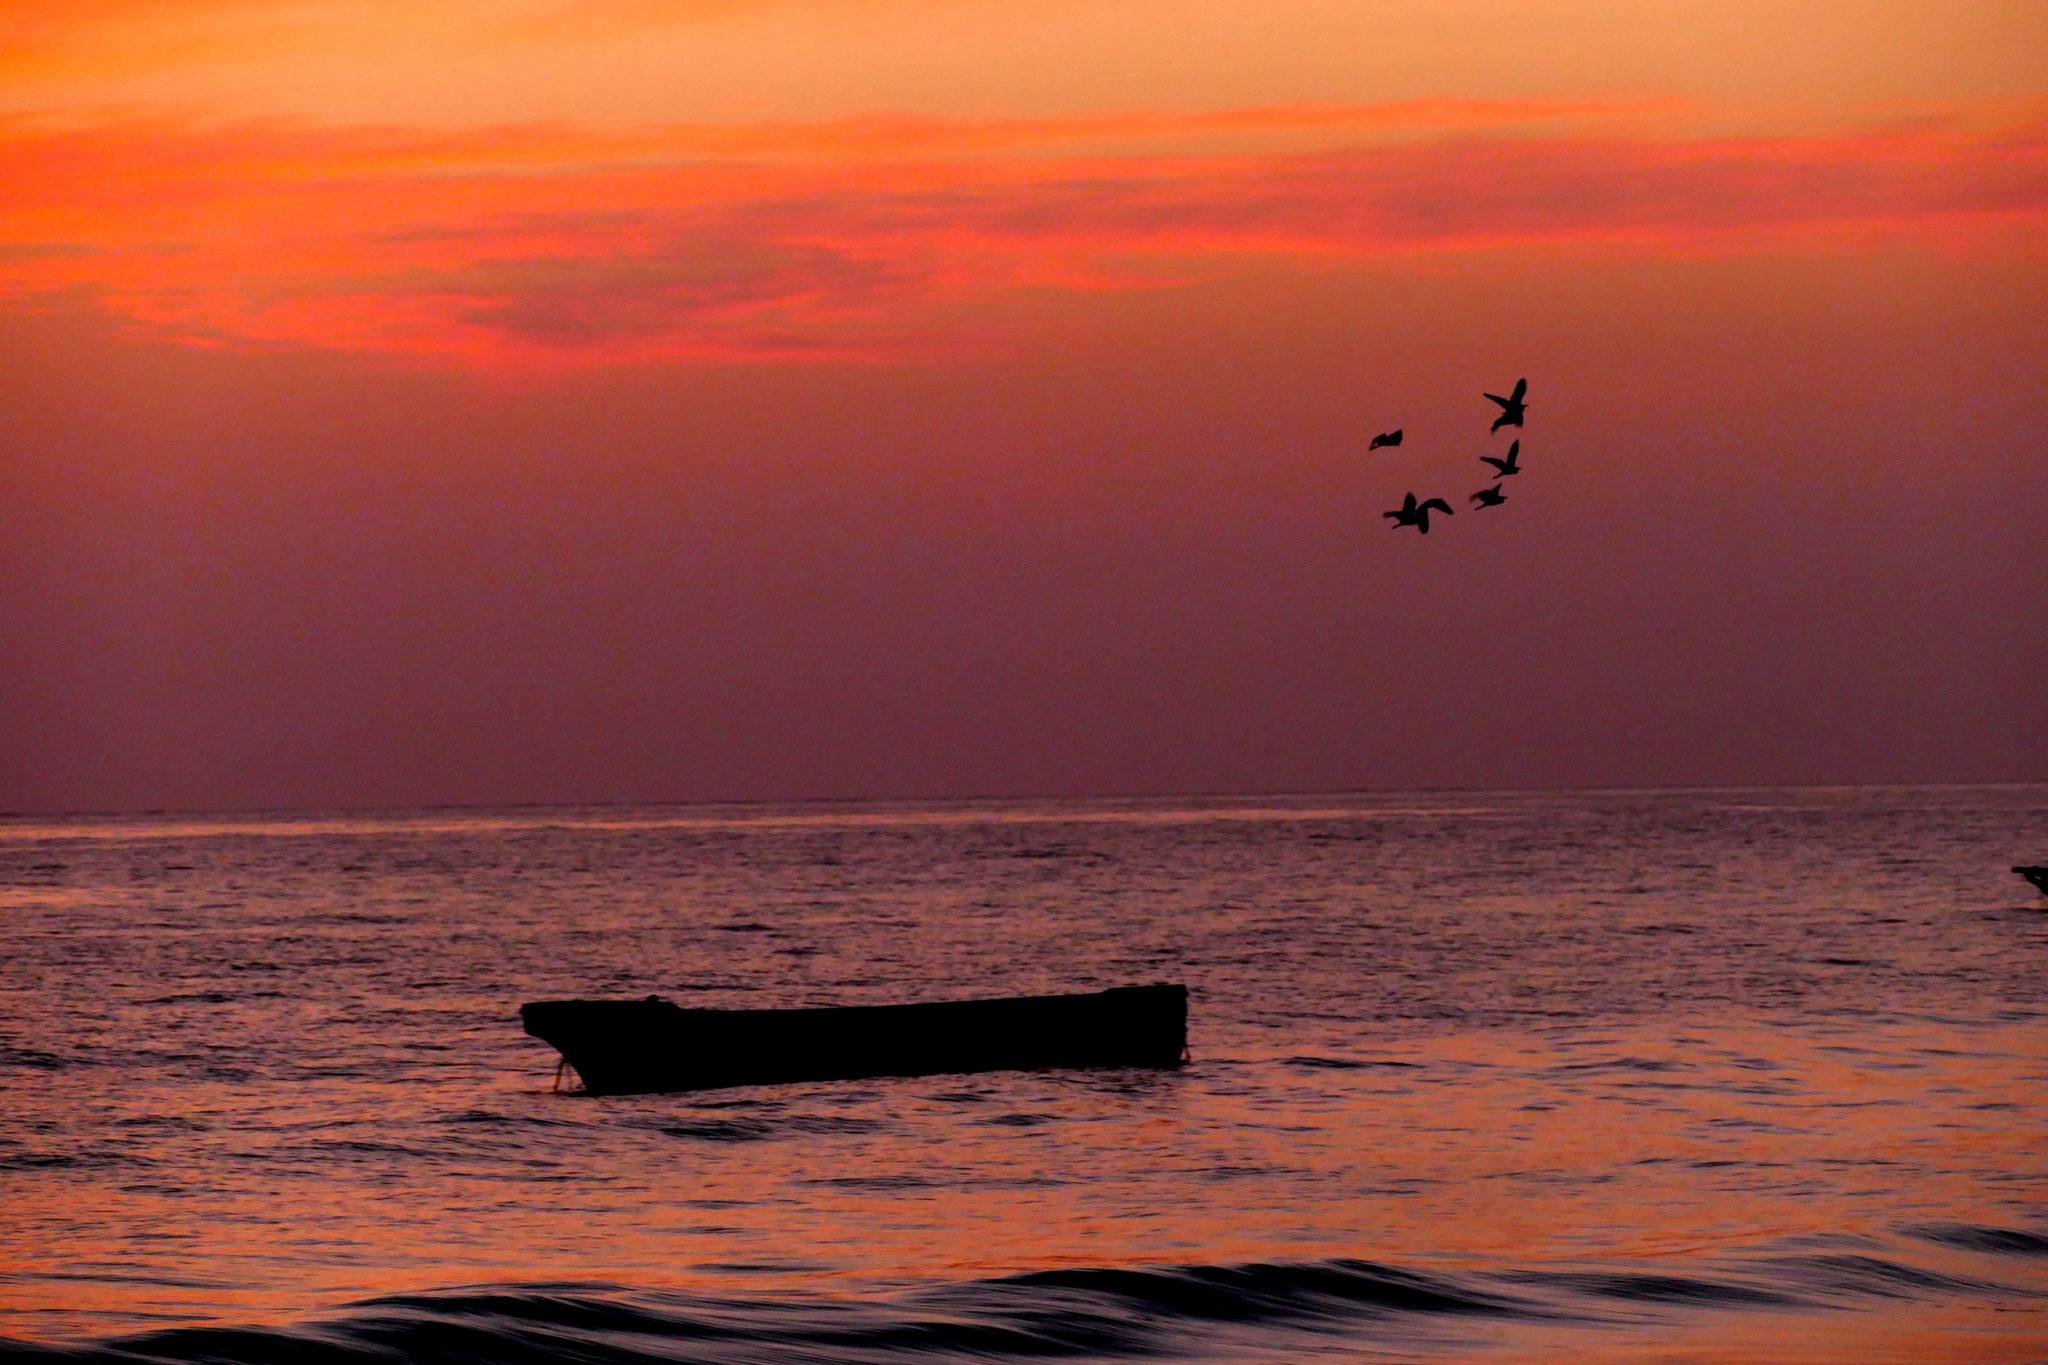 Zanzibar-sunrise-4